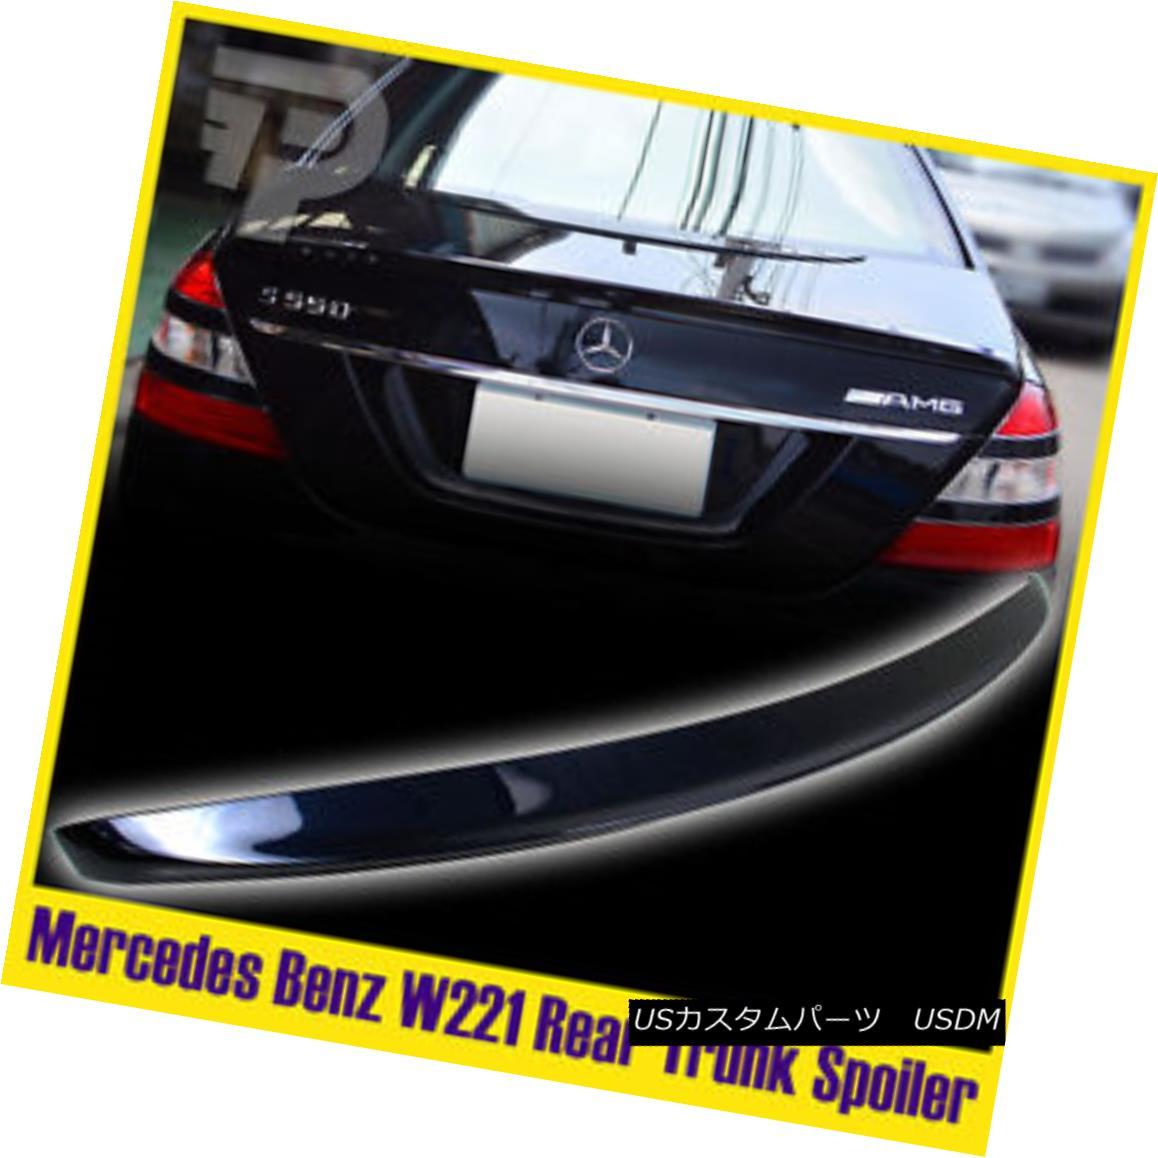 エアロパーツ Painted Color Benz S-Class W221 Saloon 4DR Rear Spoiler Trunk #890 Boot 塗装カラーベンツSクラスW221サルーン4DRリアスポイラートランク#890ブーツ